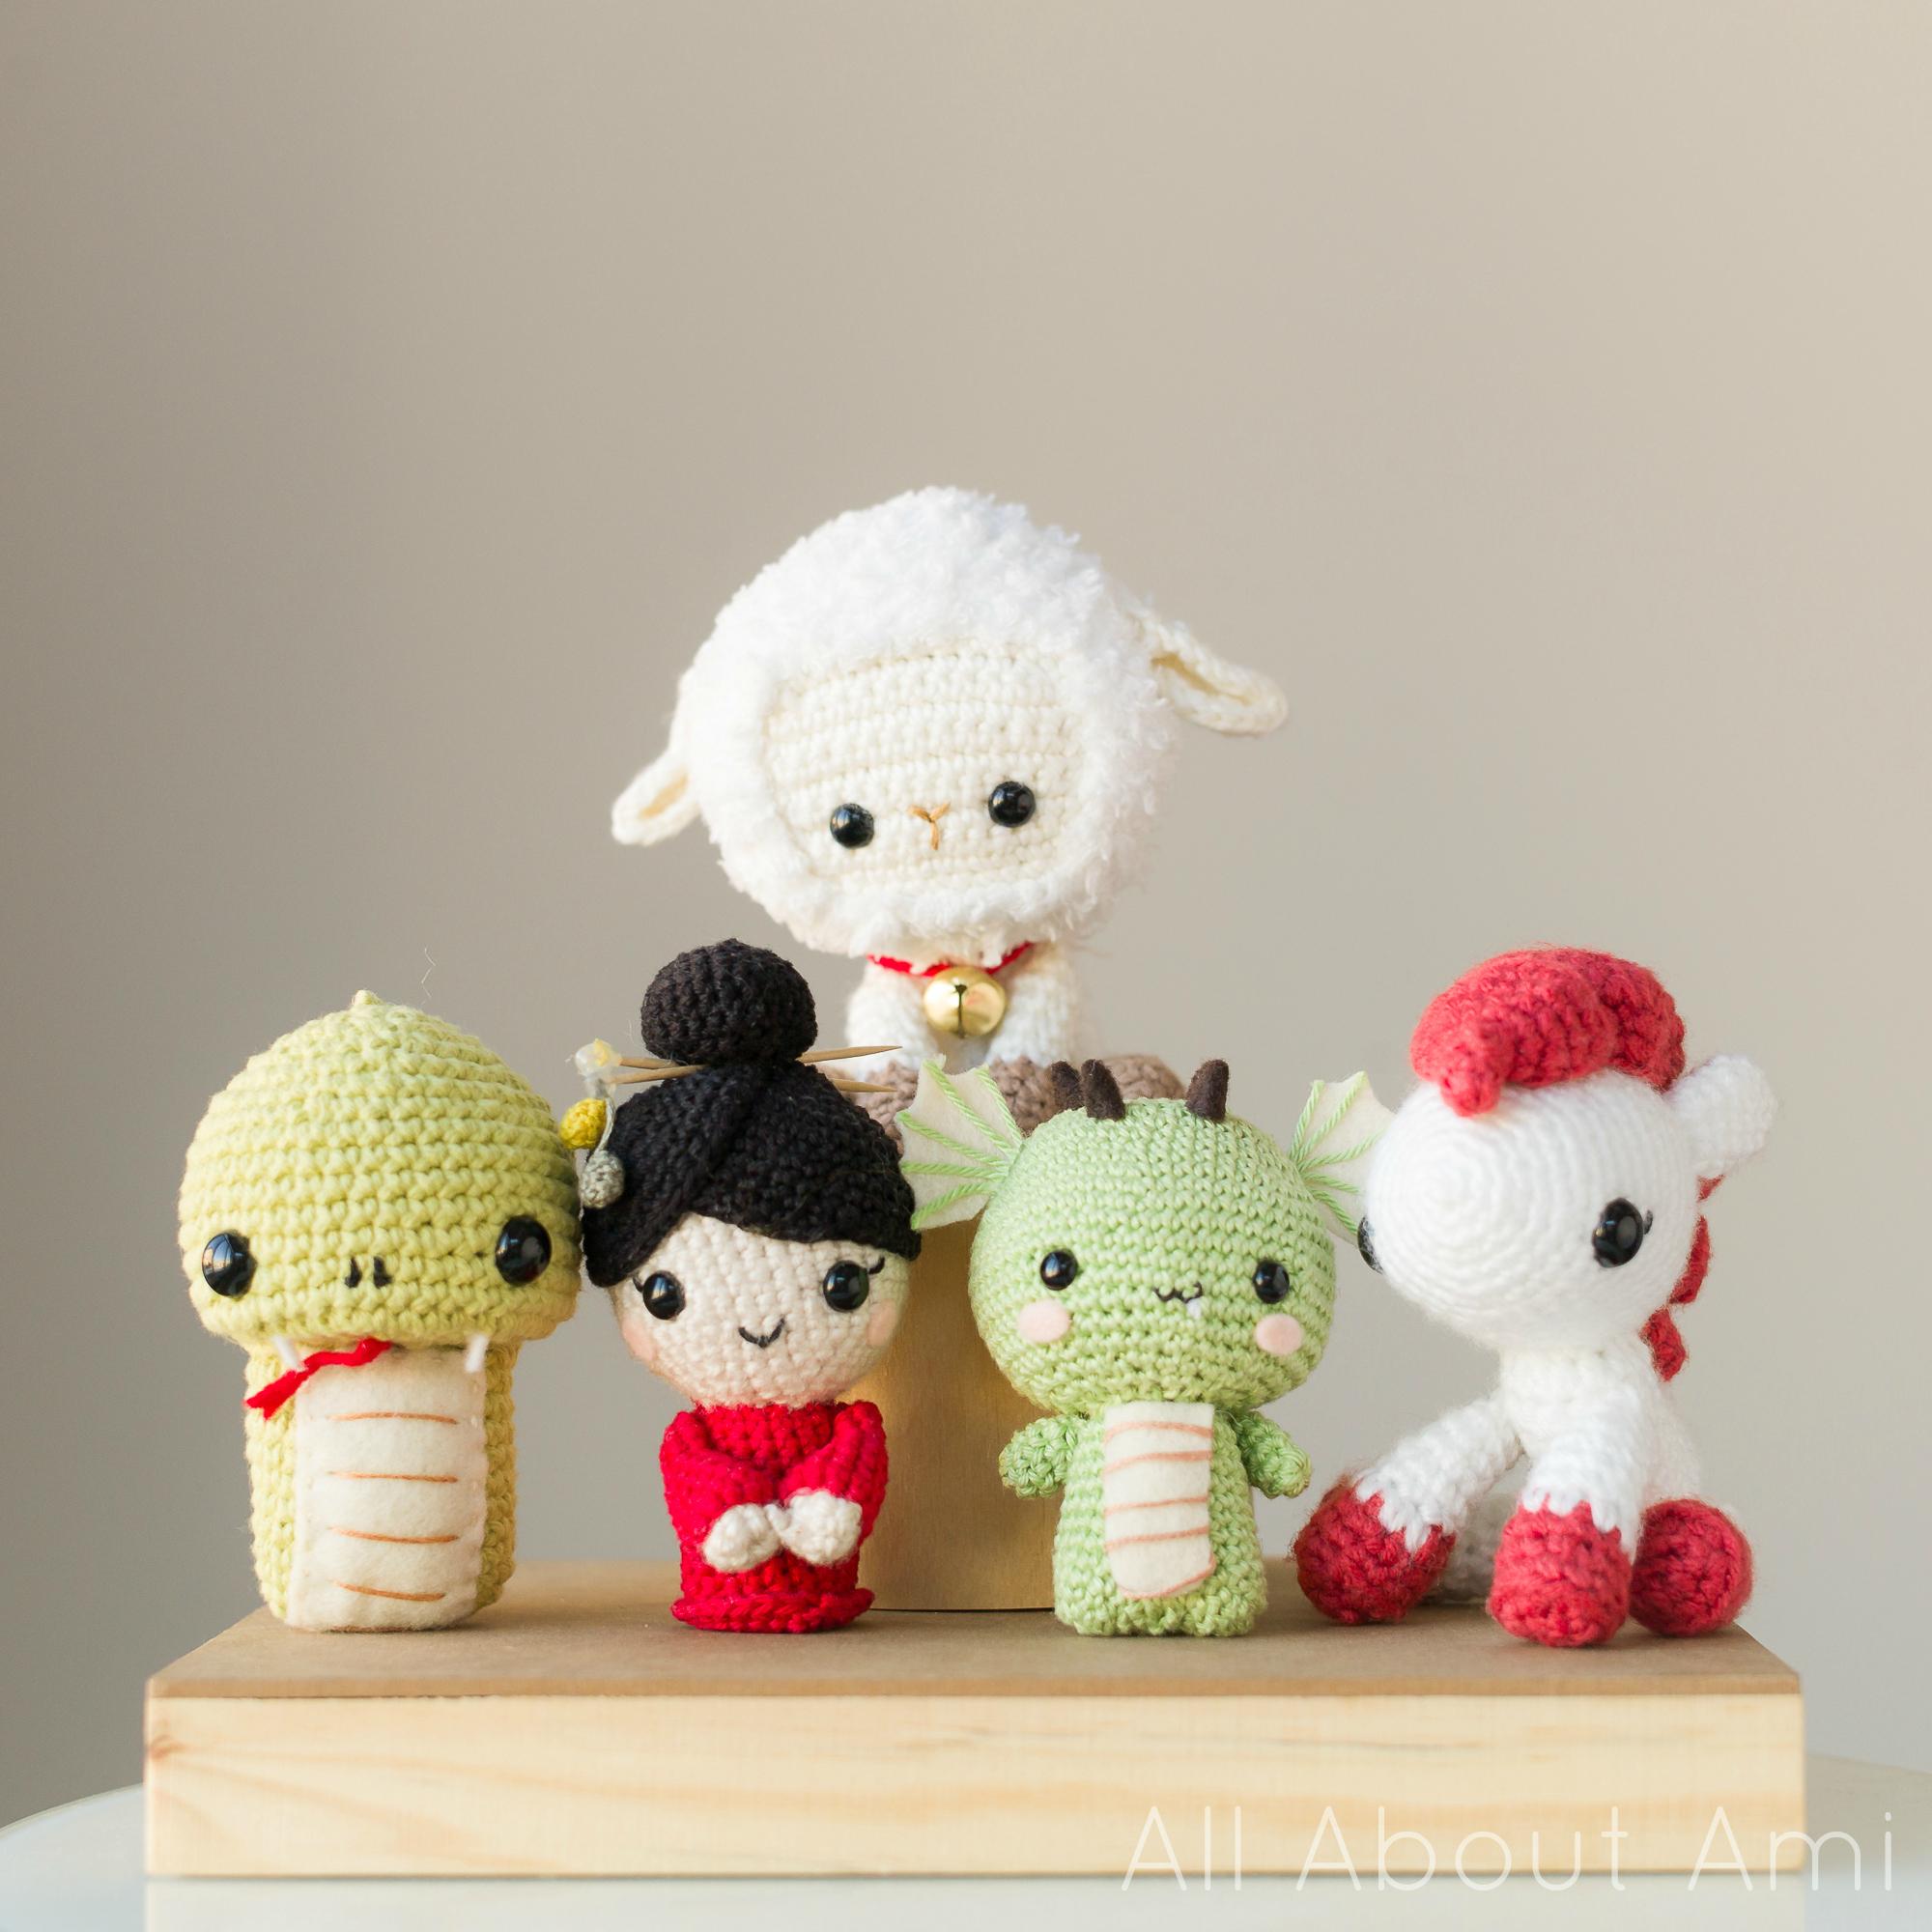 Kawaii Monkey Amigurumi : Pattern: Chinese New Year Sheep/Lamb - All About Ami